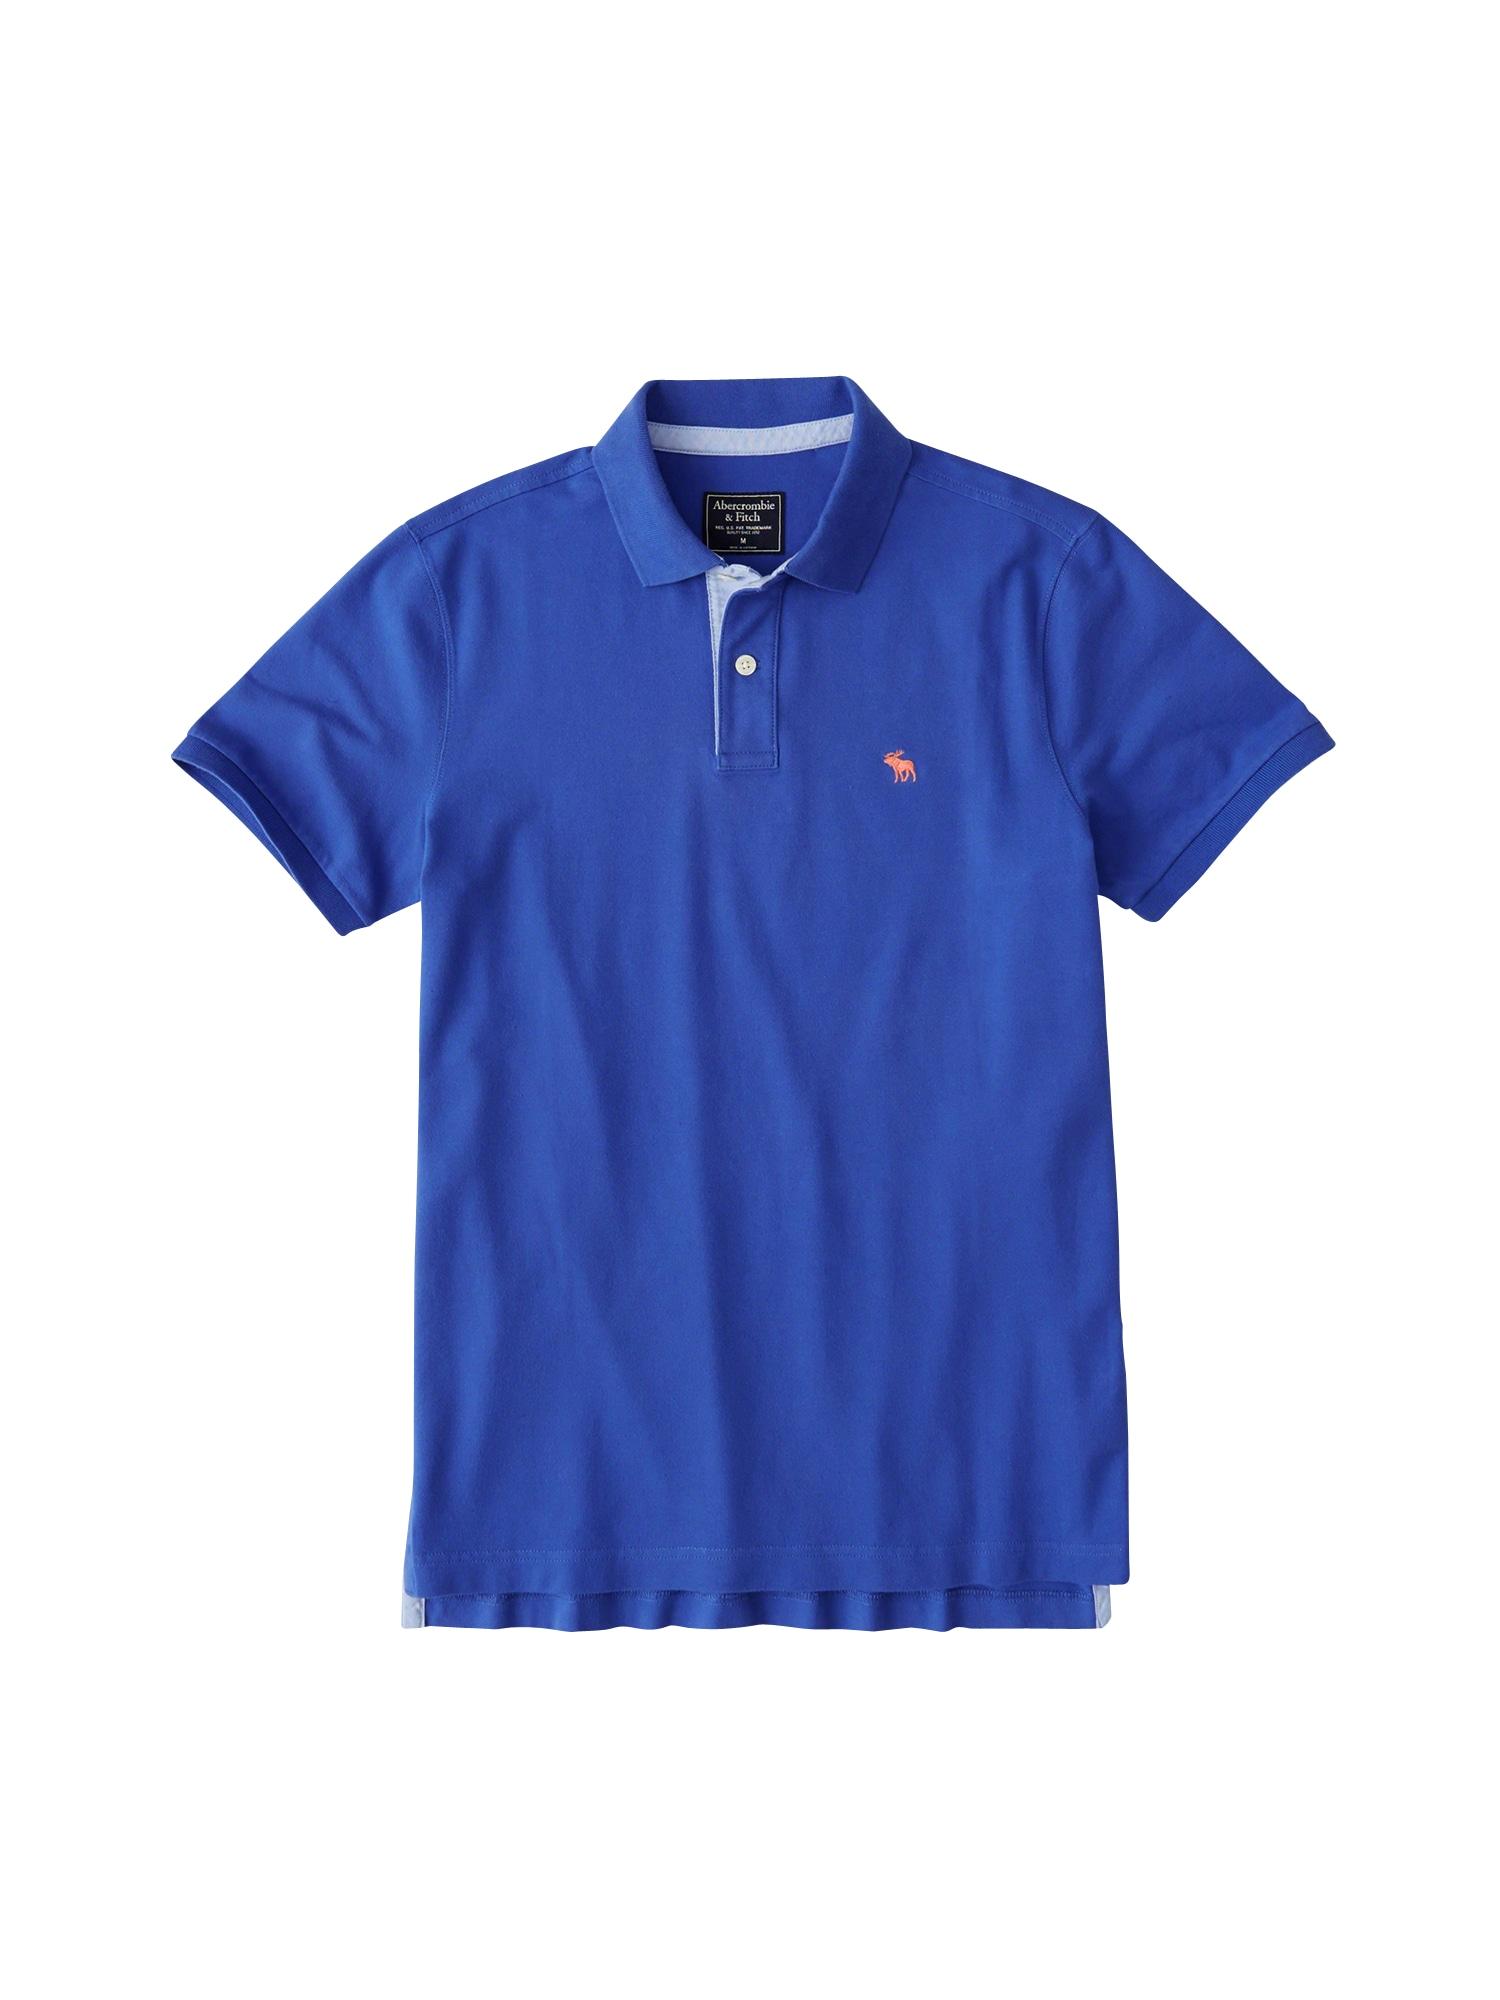 Tričko CORE POLO T5 modrá Abercrombie & Fitch